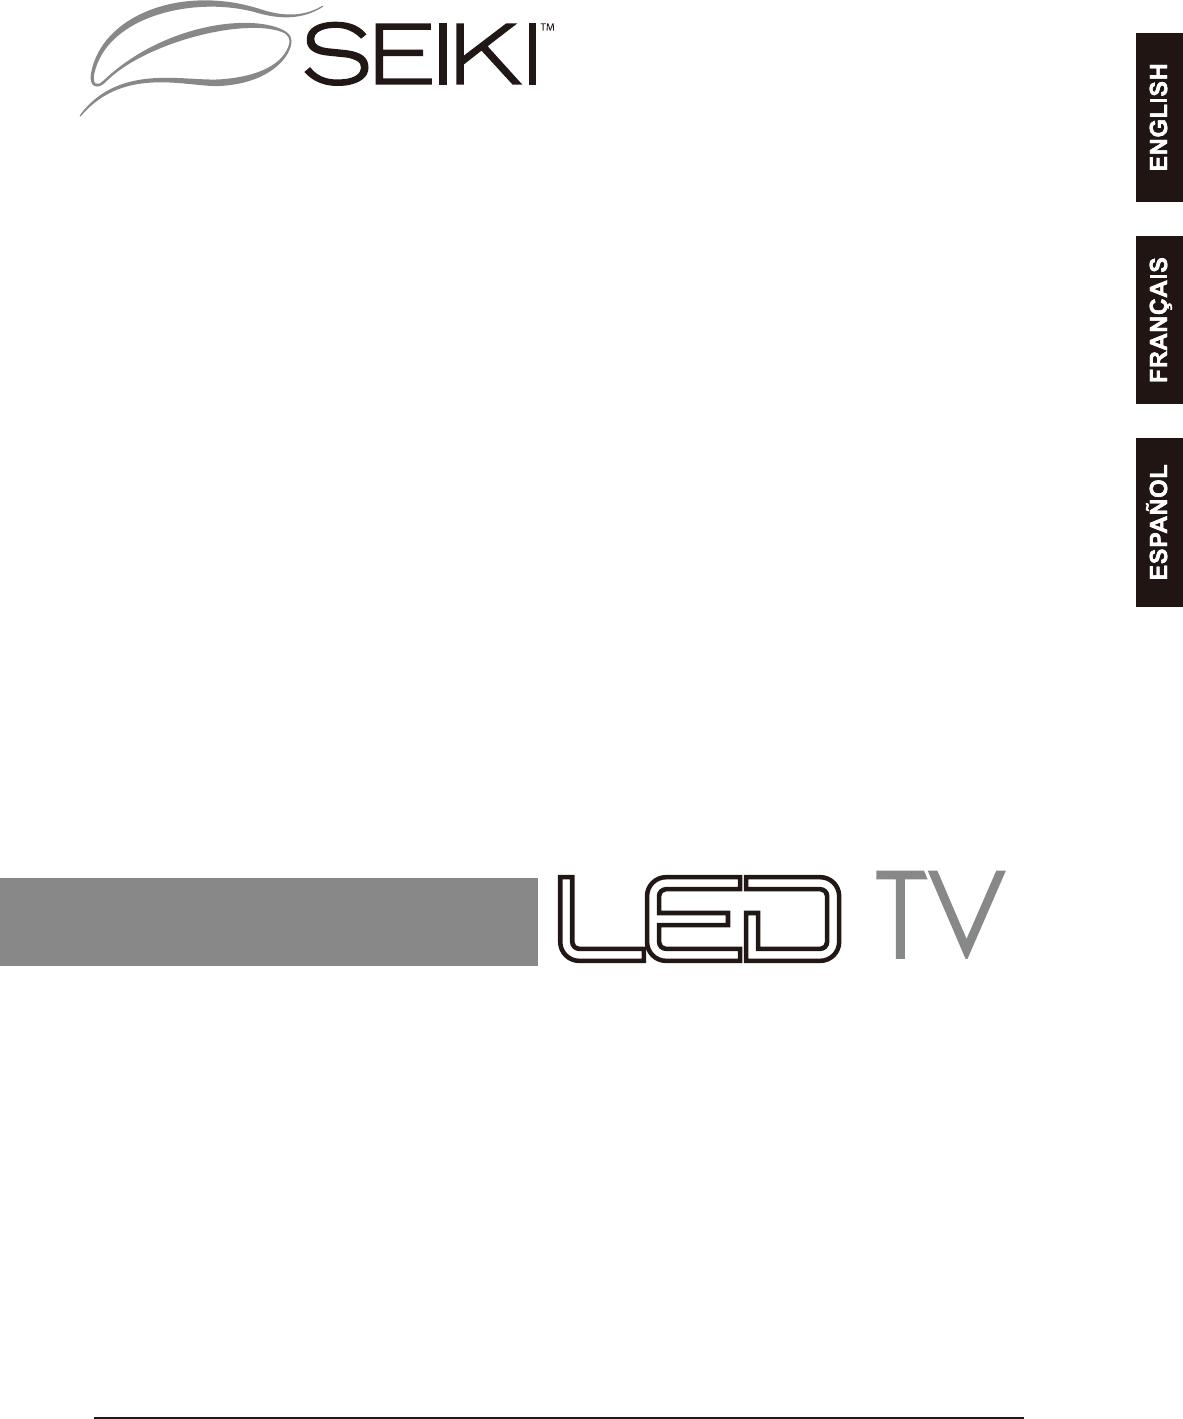 SEIKI SE24FL TV REMOTE CONTROL AND USER MANUAL 20408